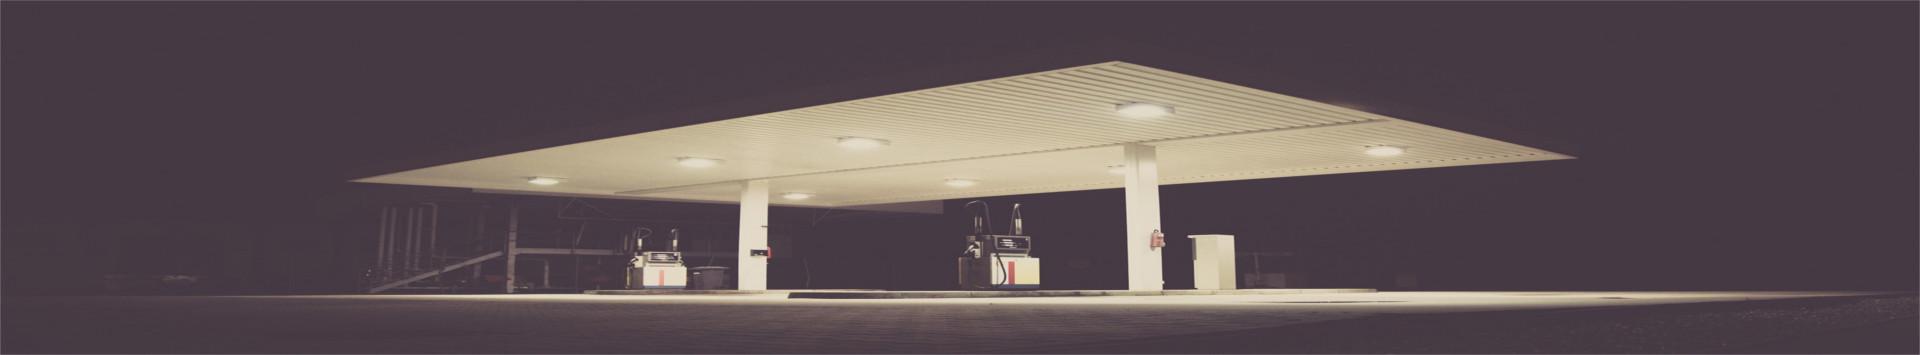 gasolinera portada